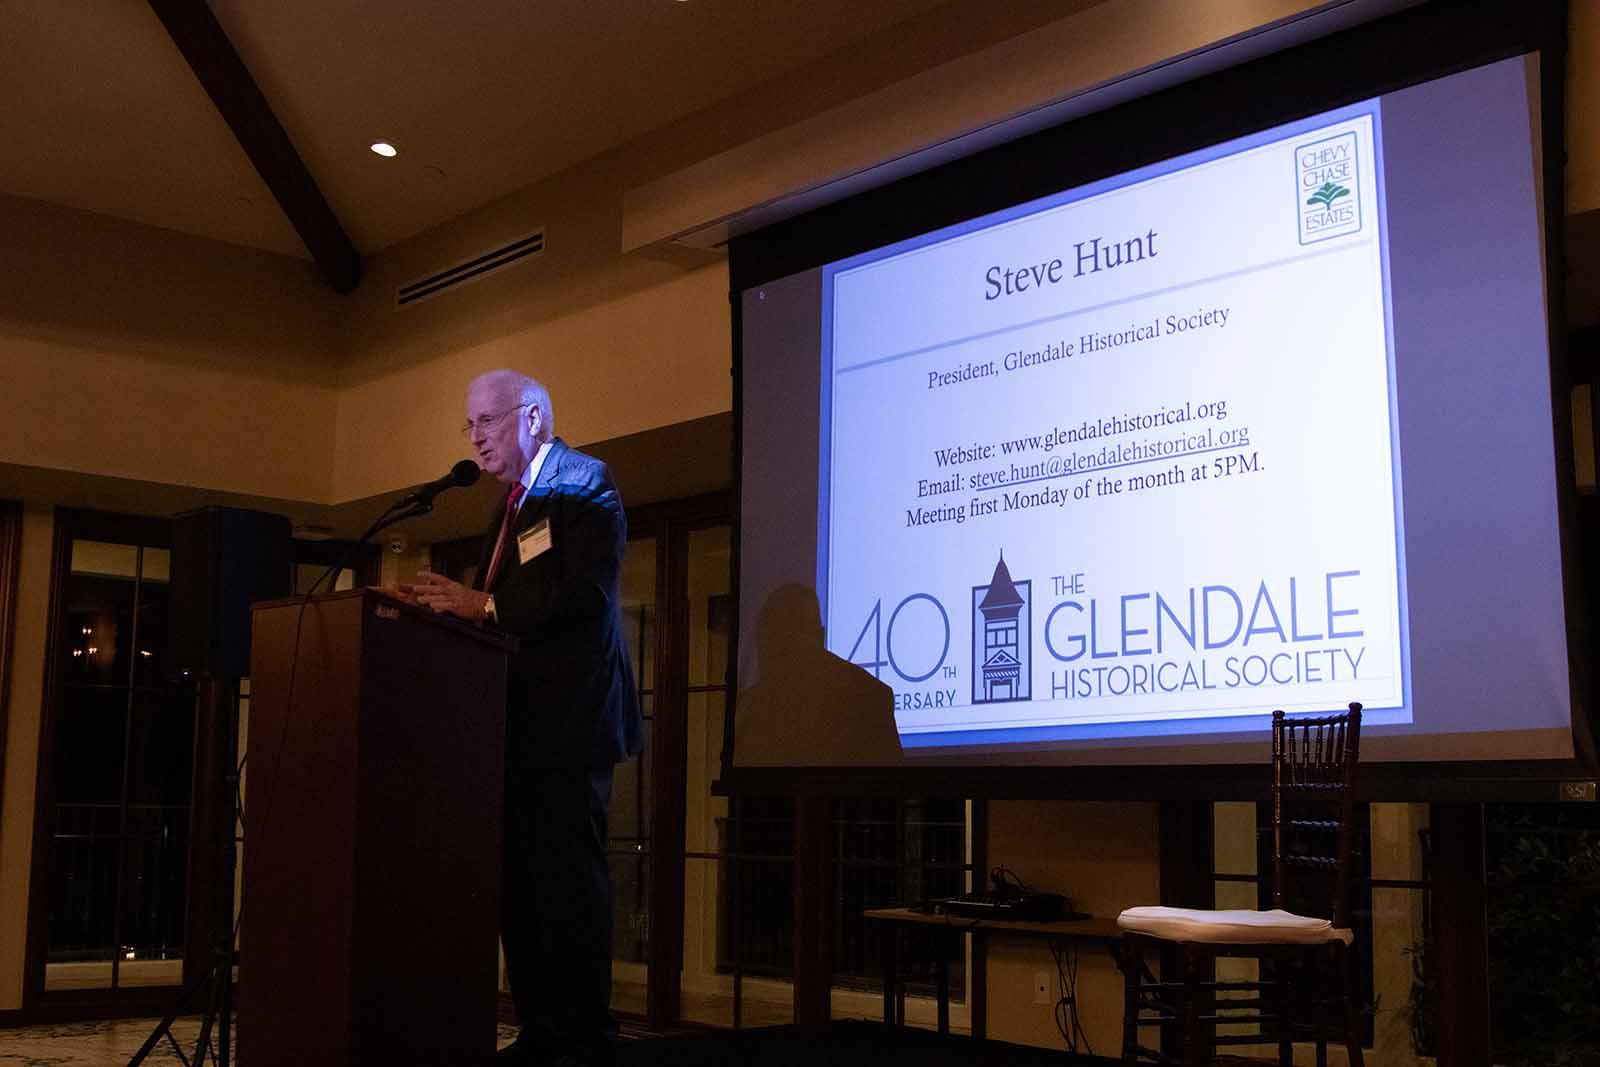 Steve Hunt Glendale Historical Society